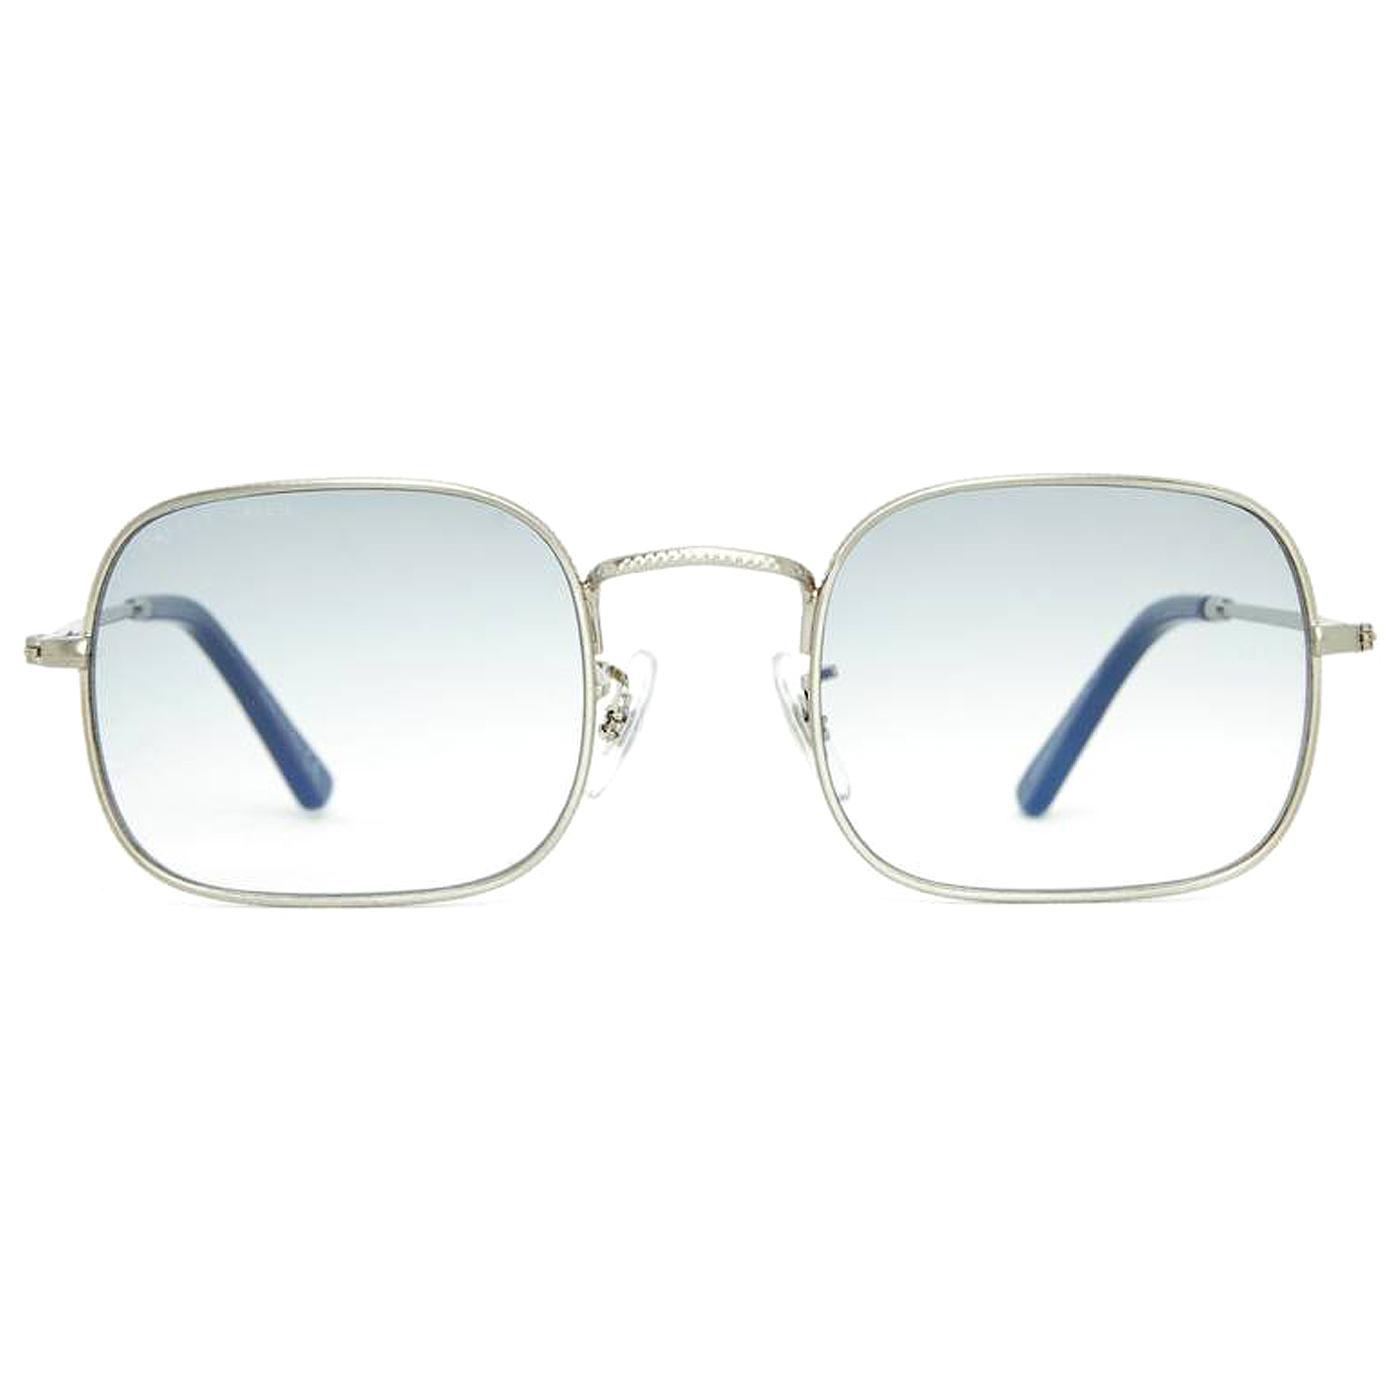 S20MU27000174 square sunglasses blue